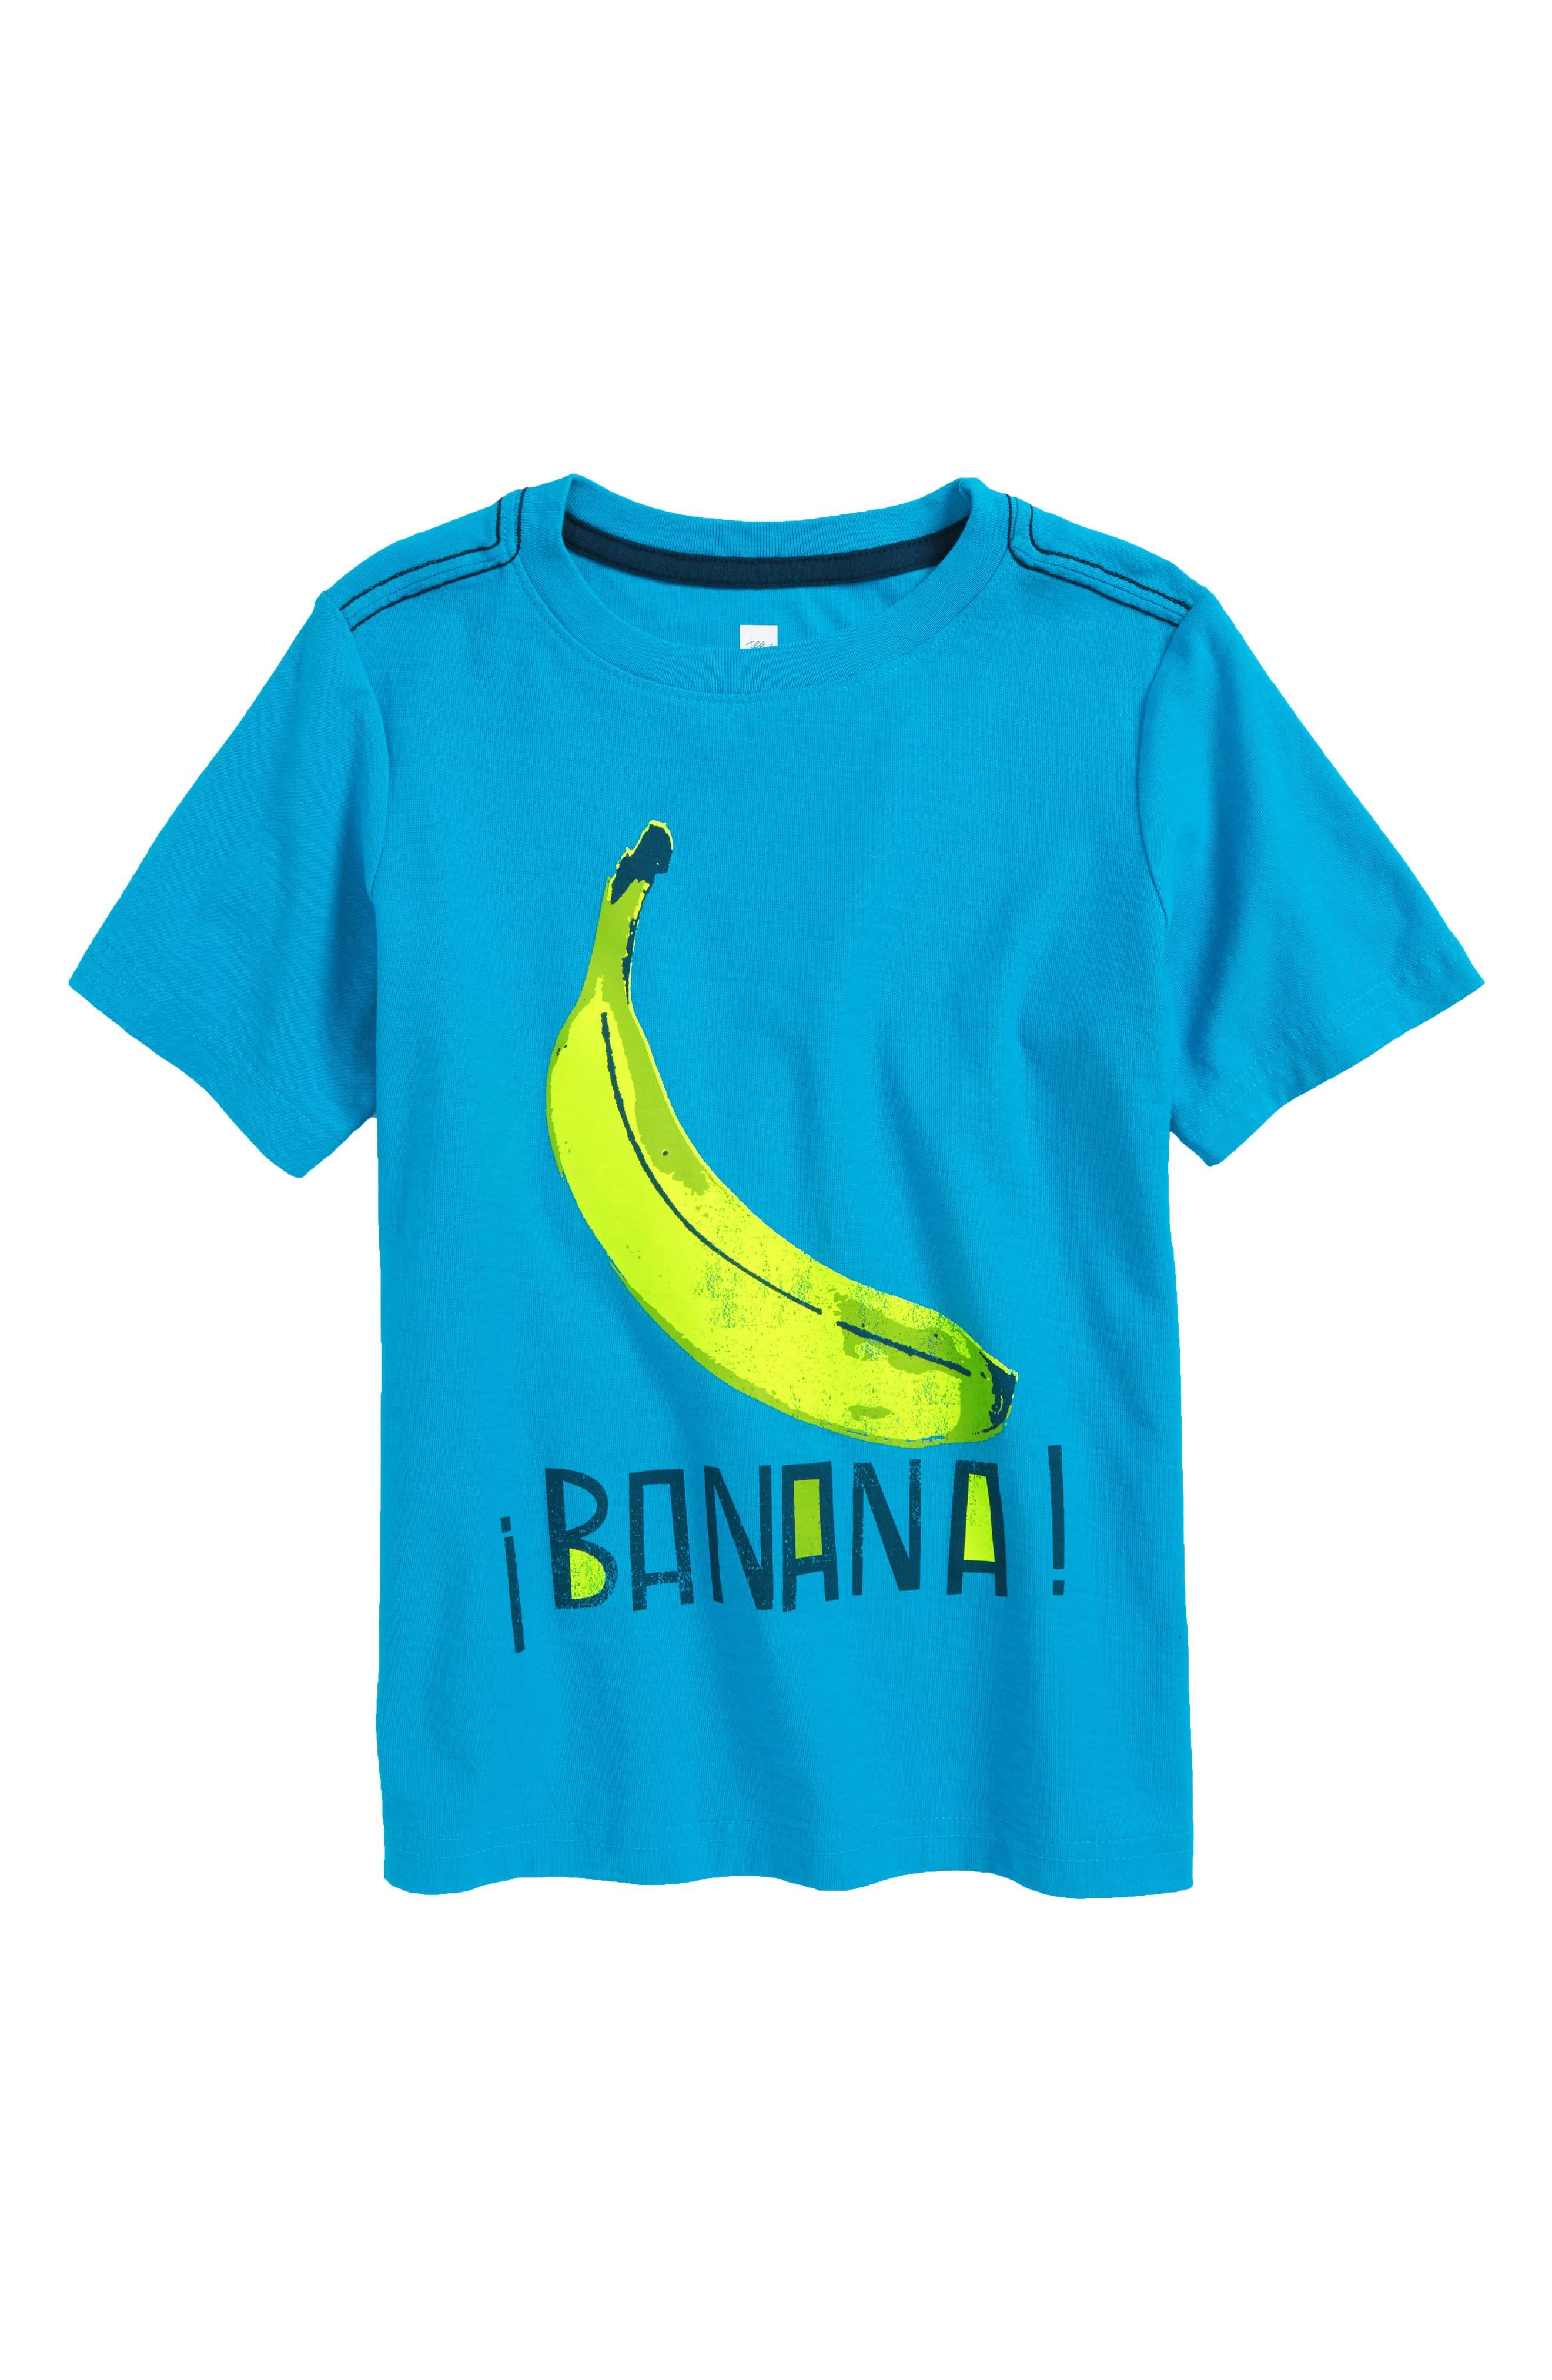 Tea Collection Banana Graphic T-Shirt (Toddler Boys & Little Boys)